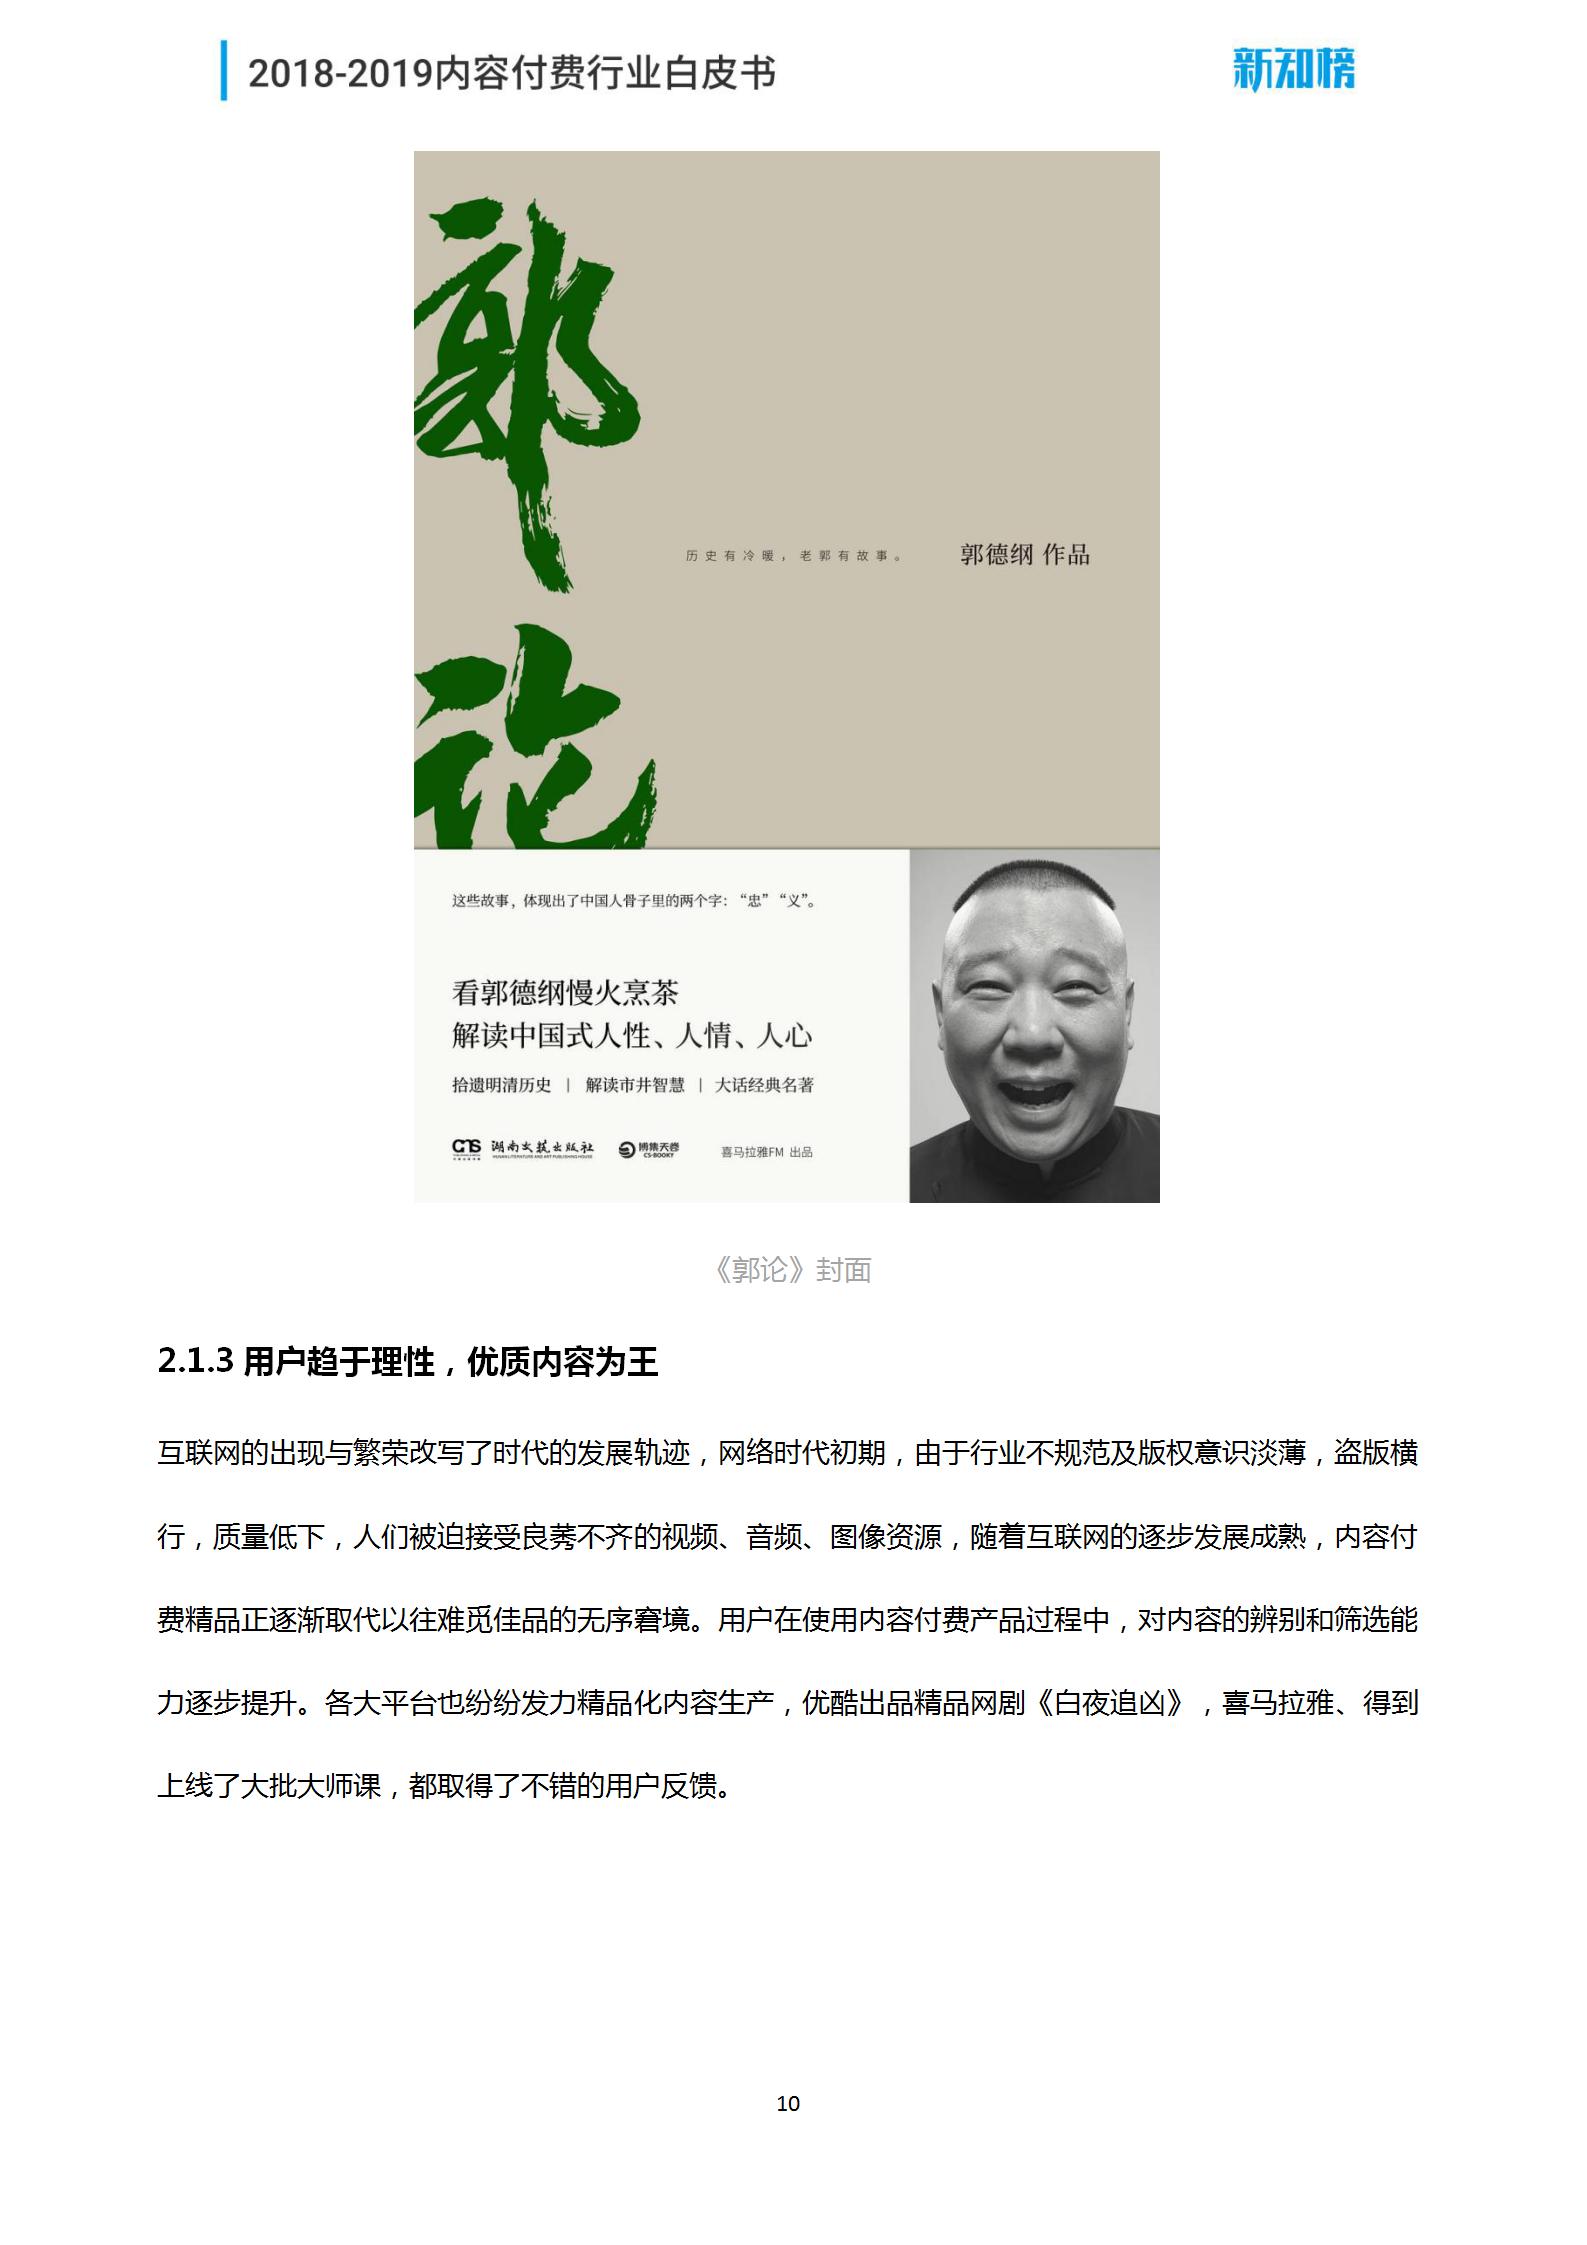 新知榜2018-2019内容付费行业白皮书_10.png